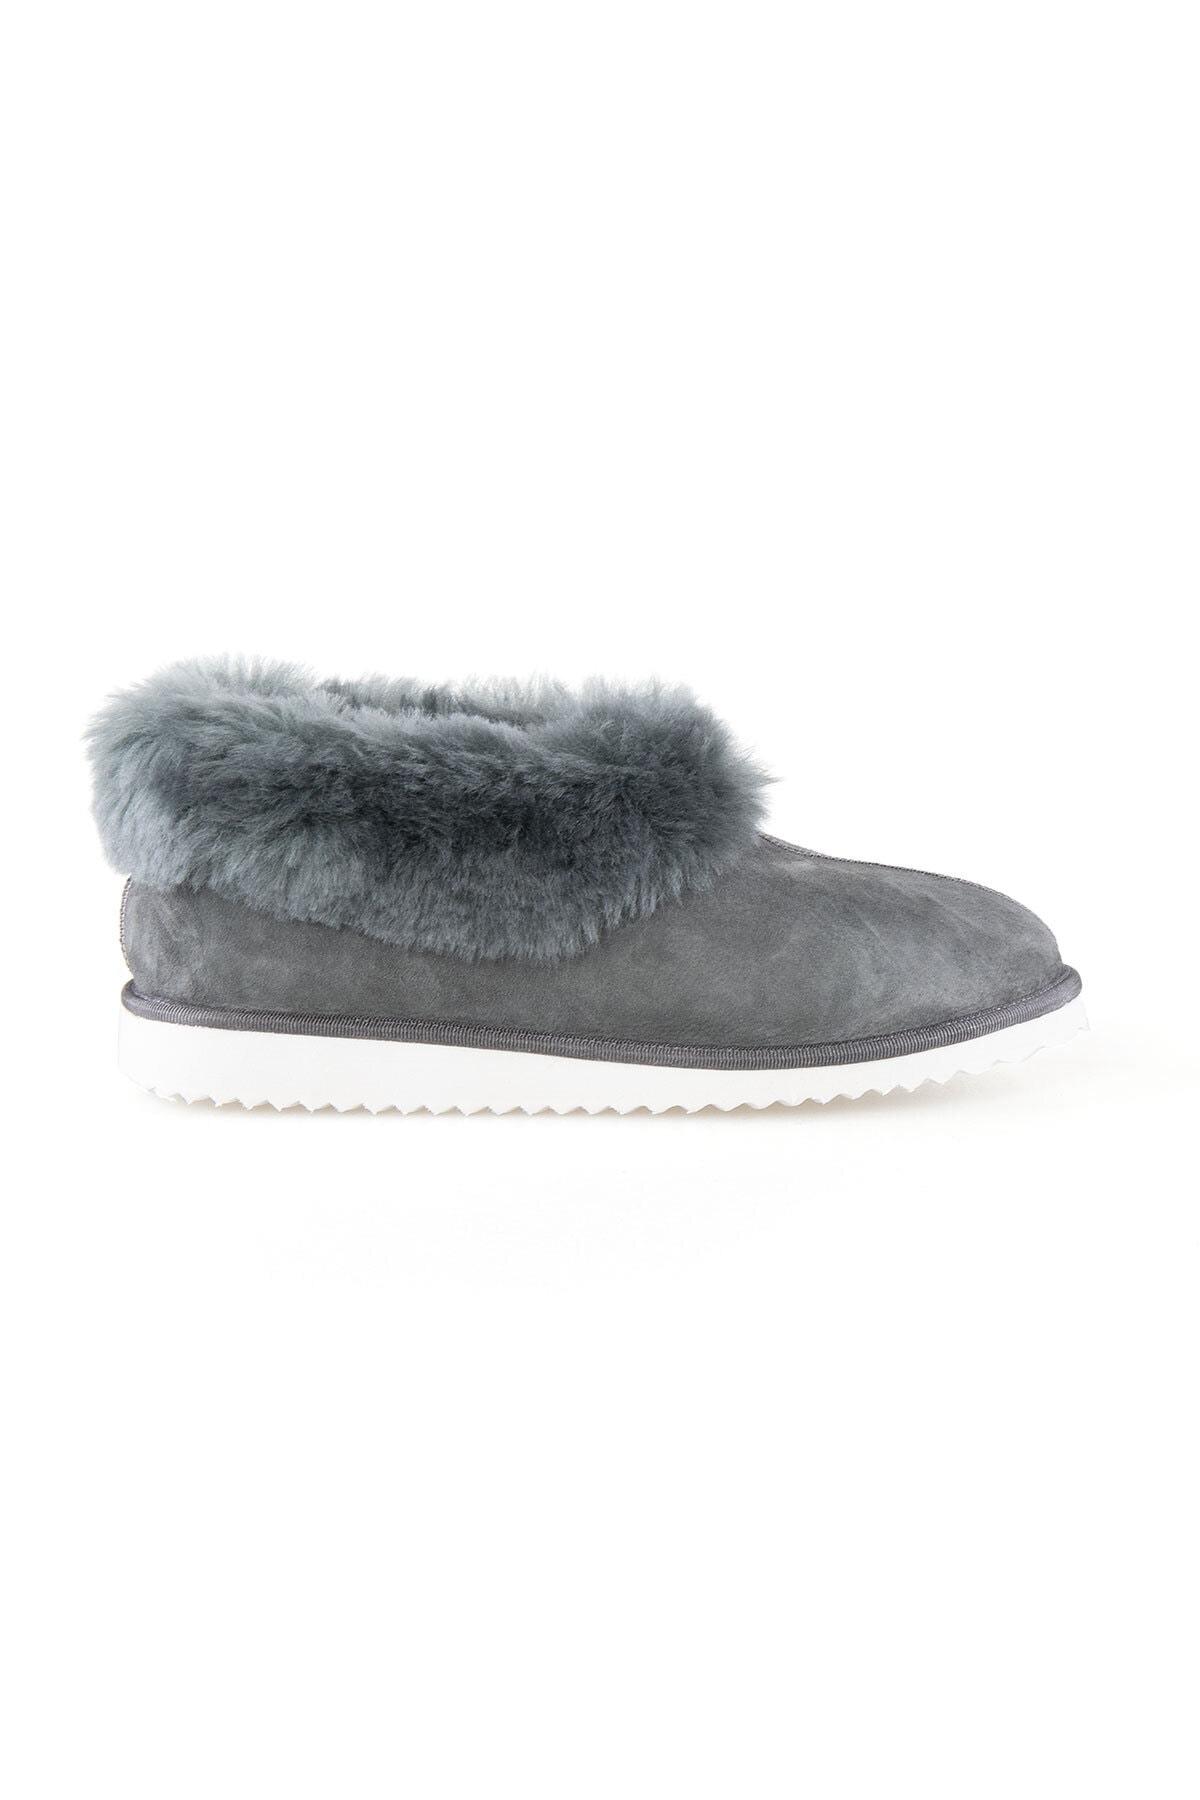 Pegia Kadın Gri Kürklü  Ev Ayakkabısı 191100 1